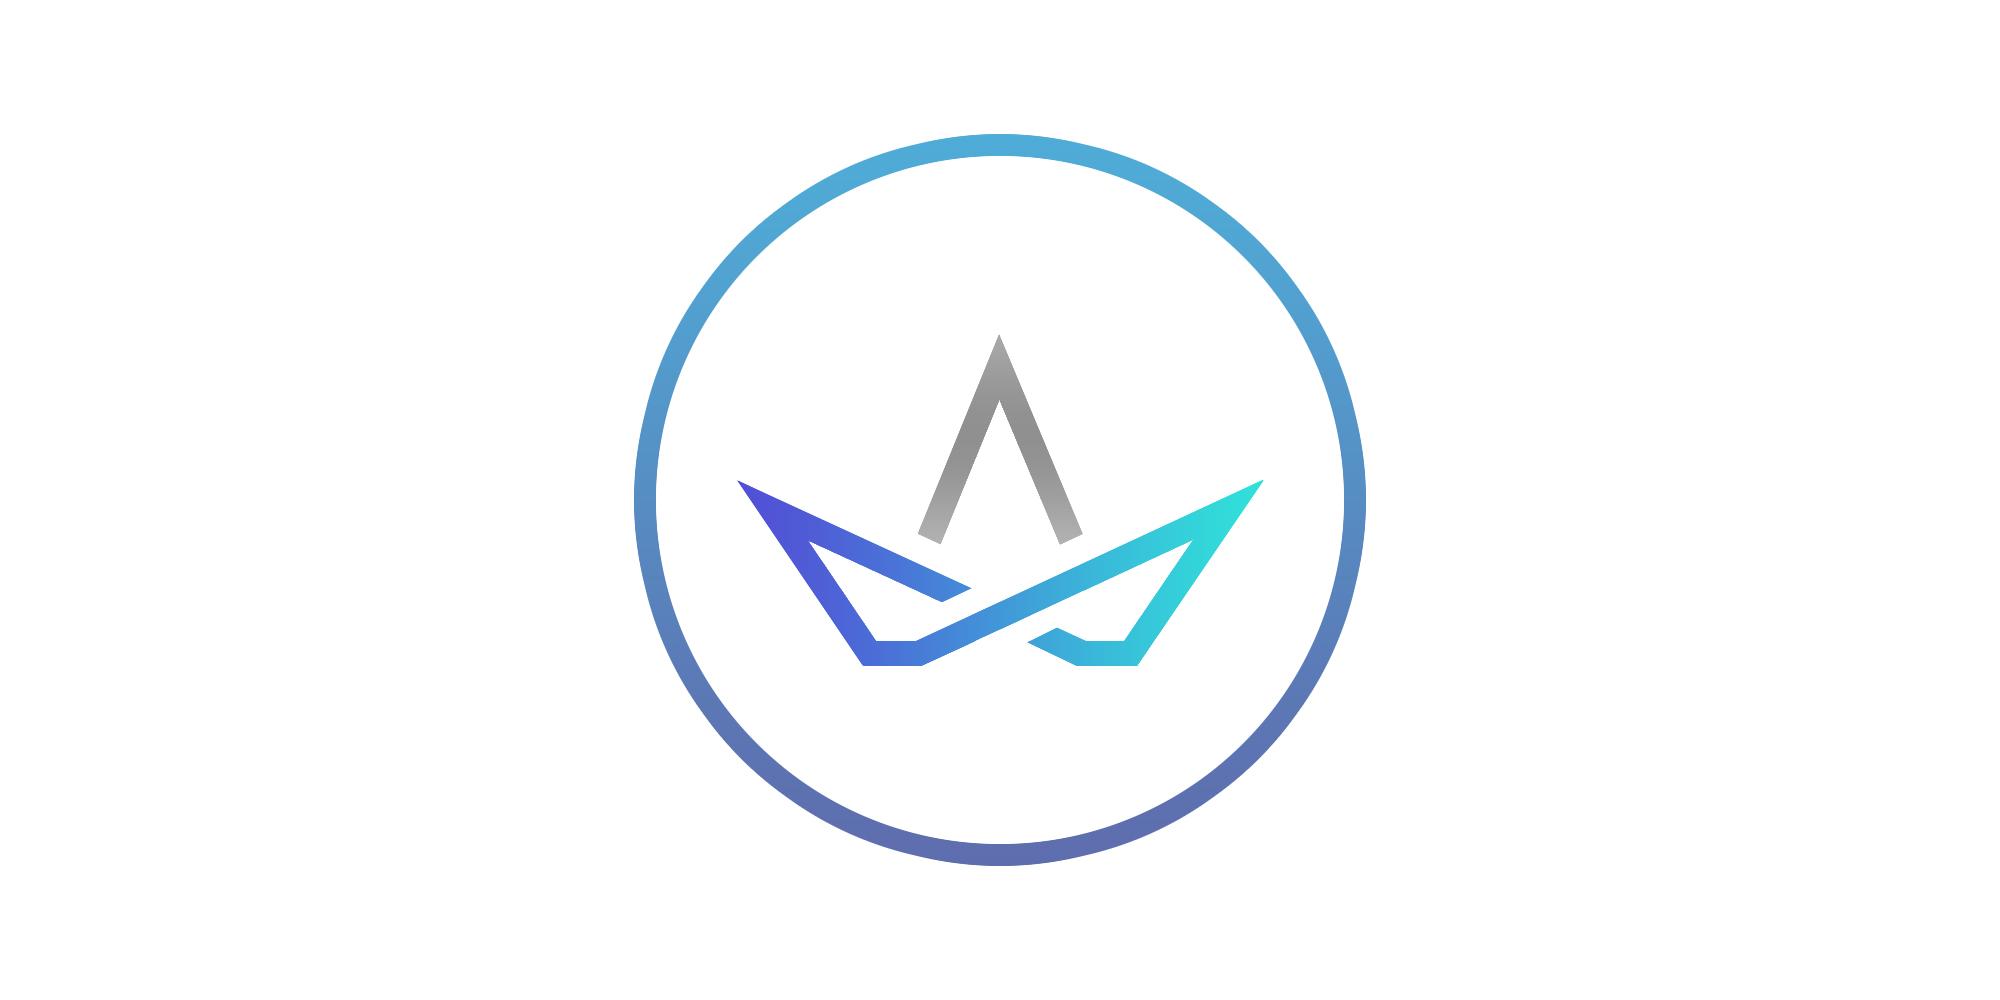 https://webiators.com/wp-content/plugins/kingcomposer/assets/images/get_start.jpg